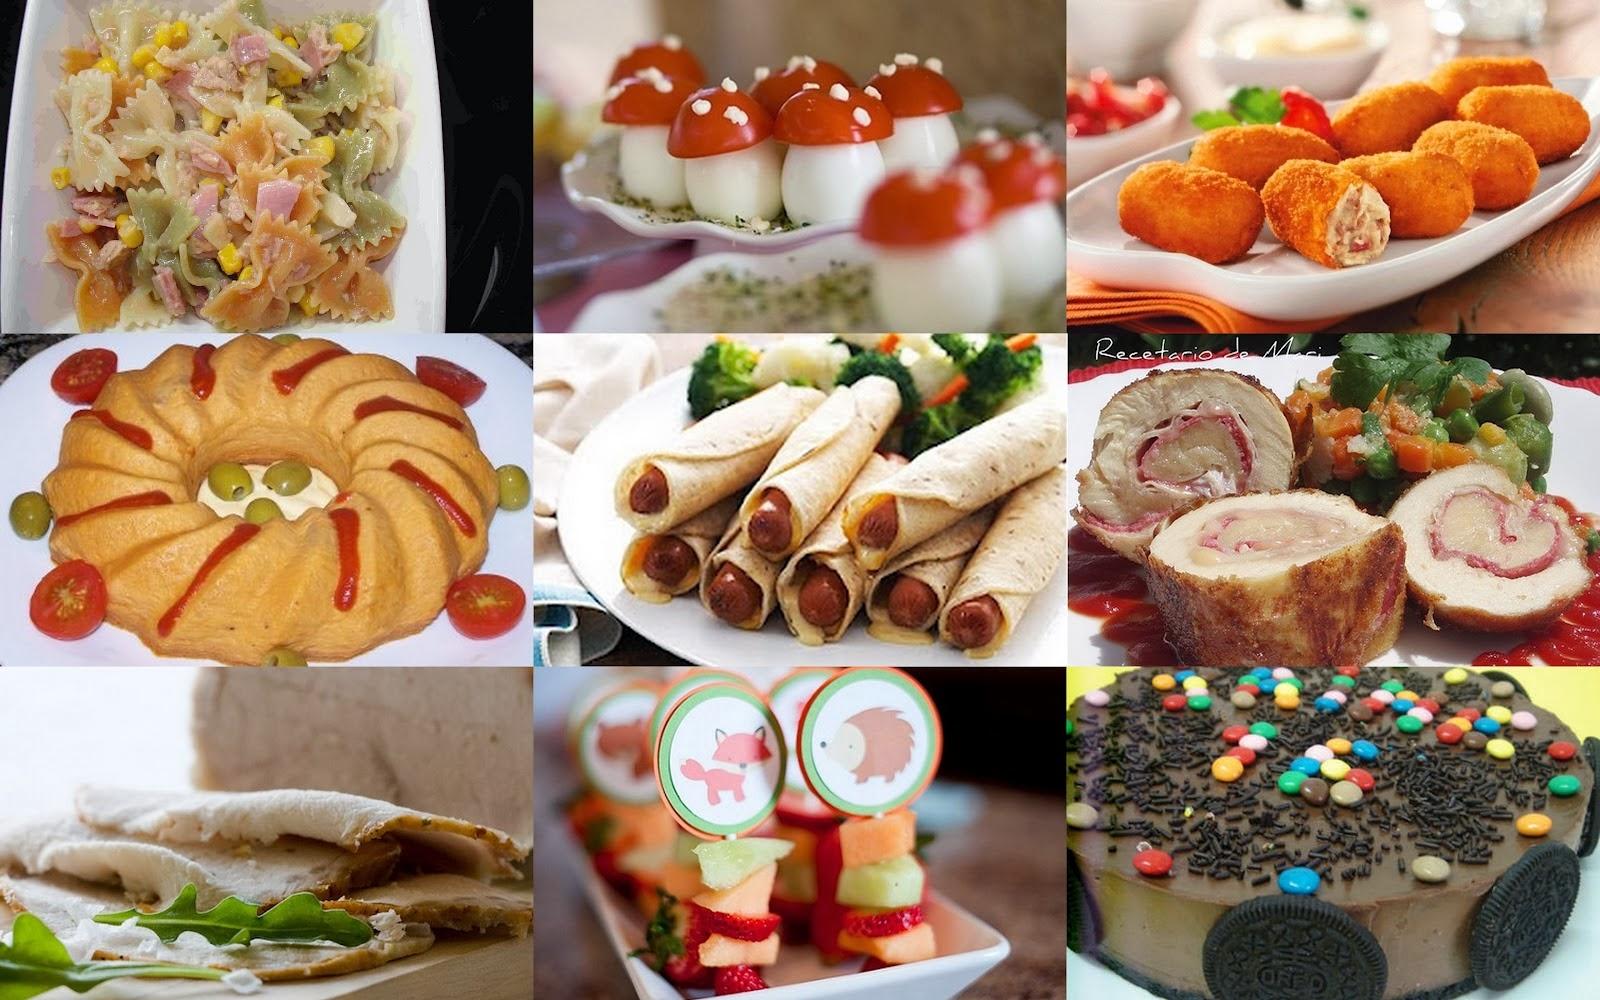 Events maresme preparar un buffet para la comida de los reyes magos - Ideas para reyes ...